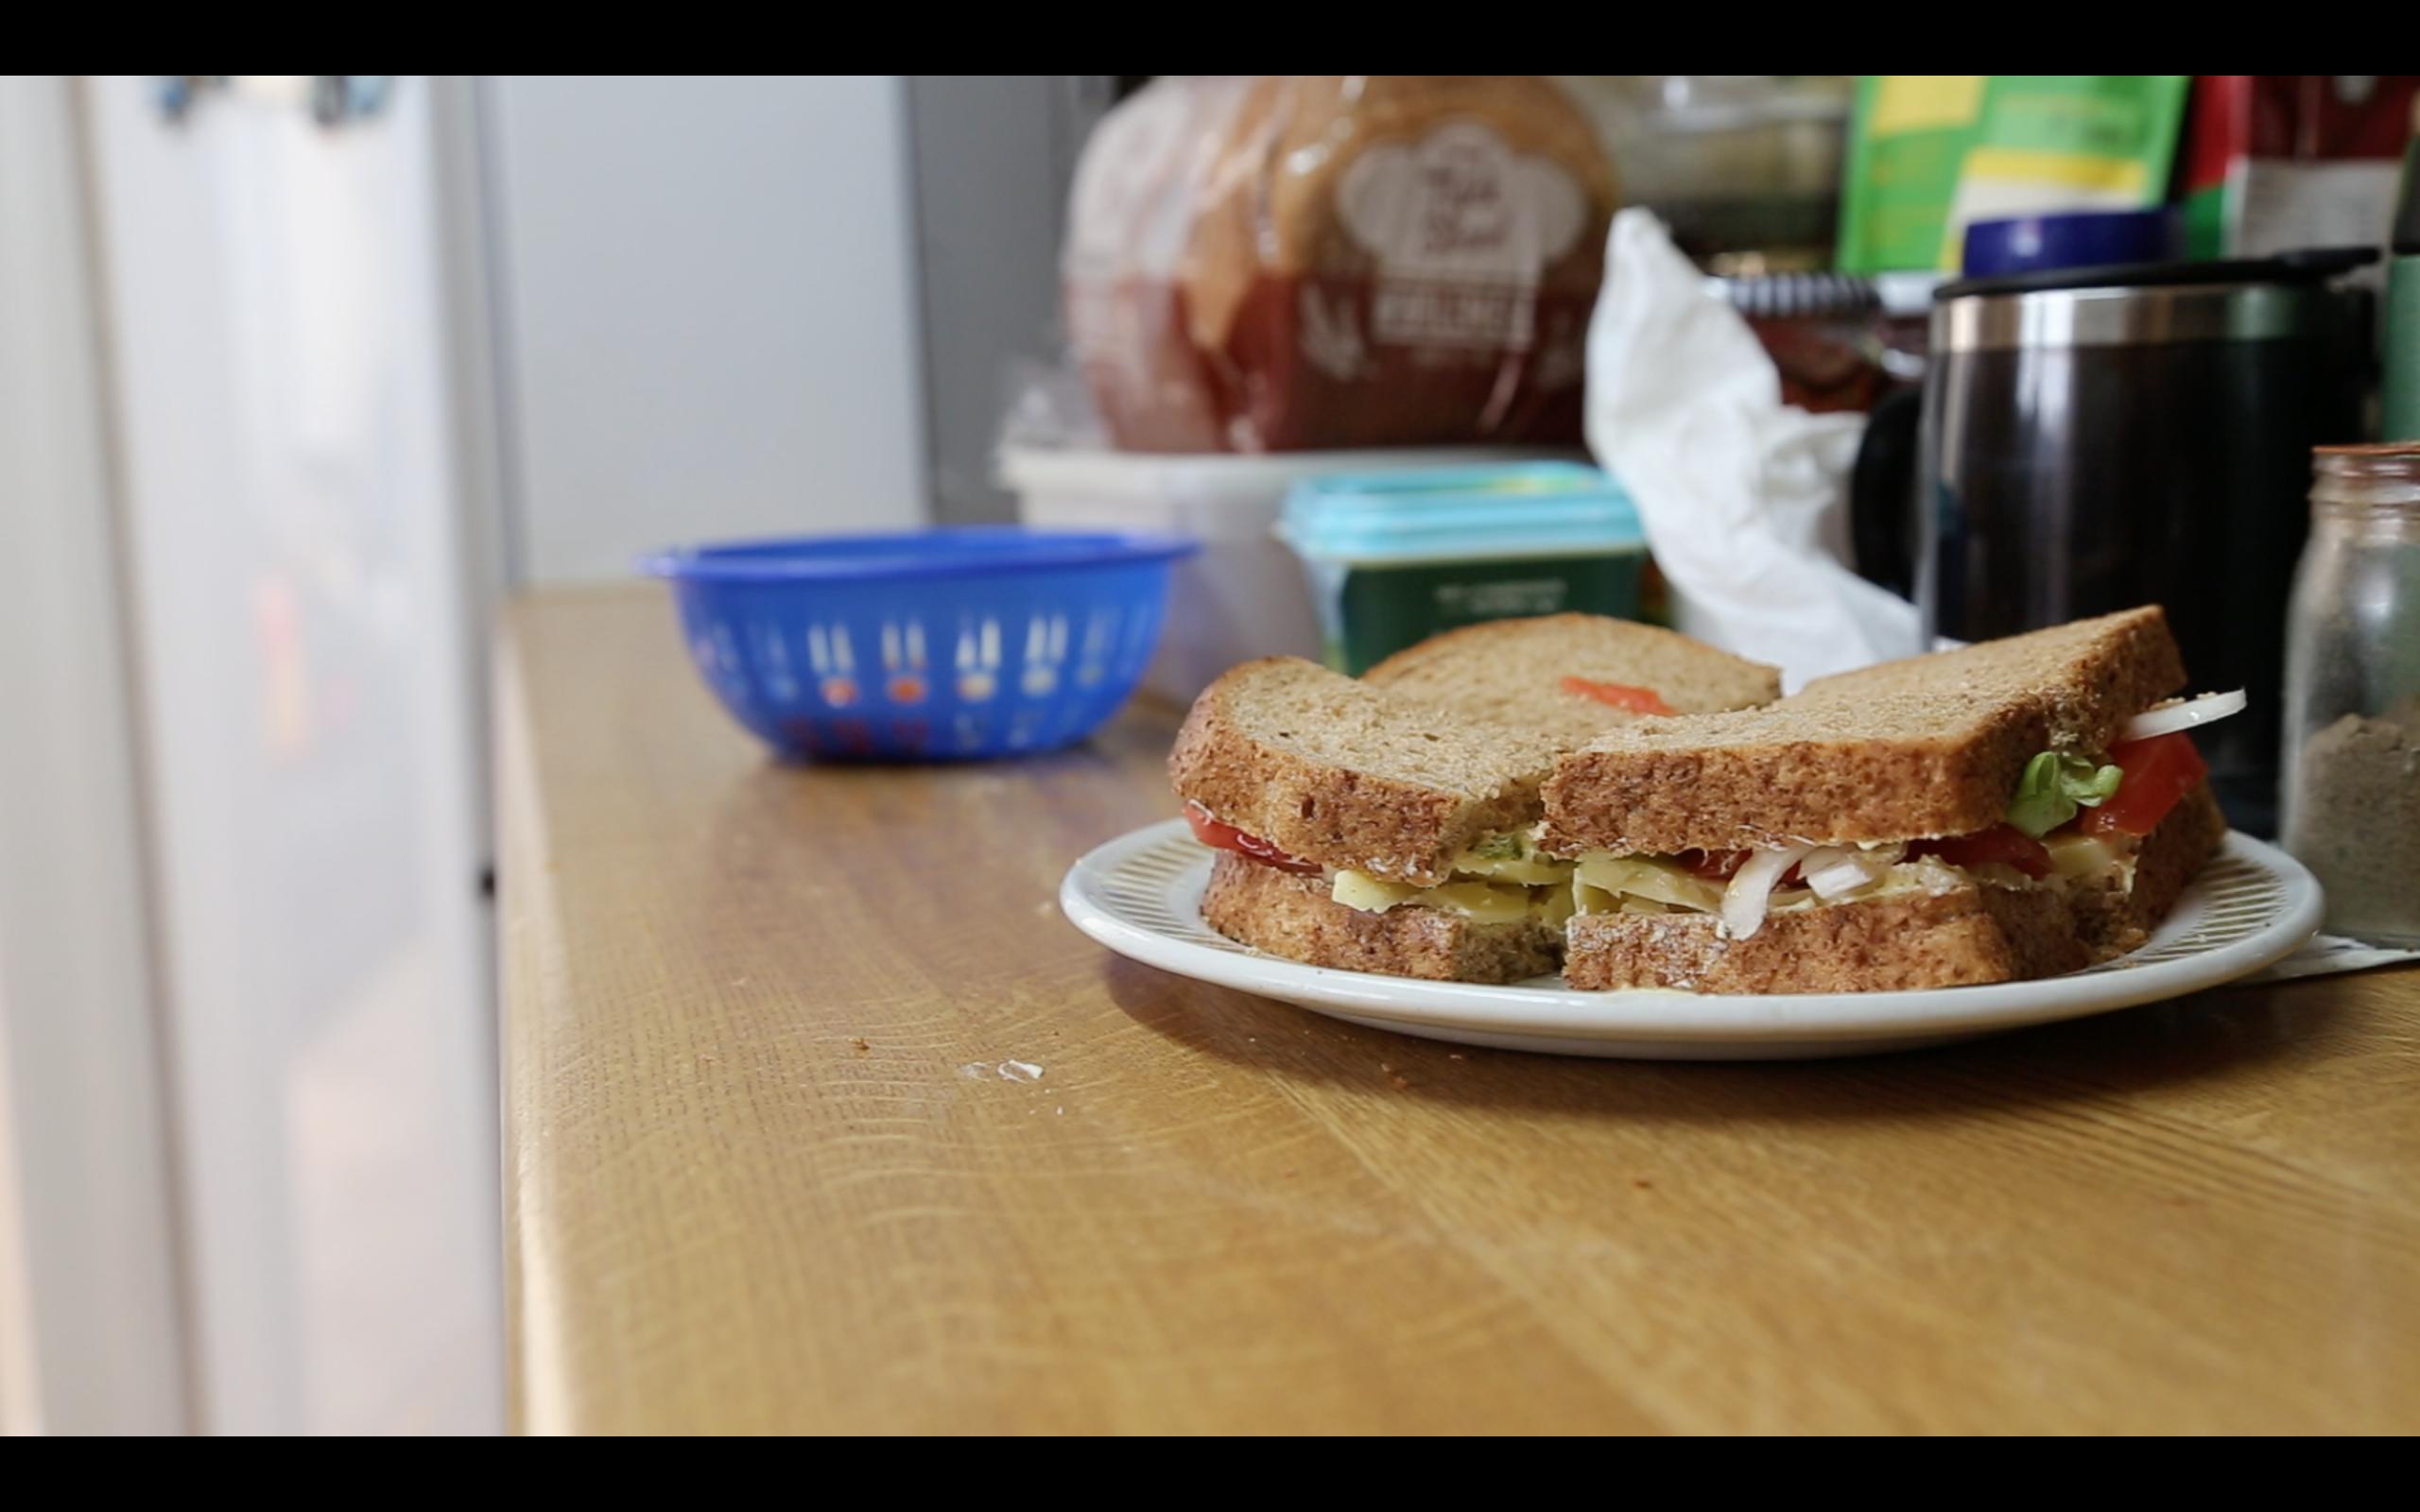 sandwich on a kitchen worktop